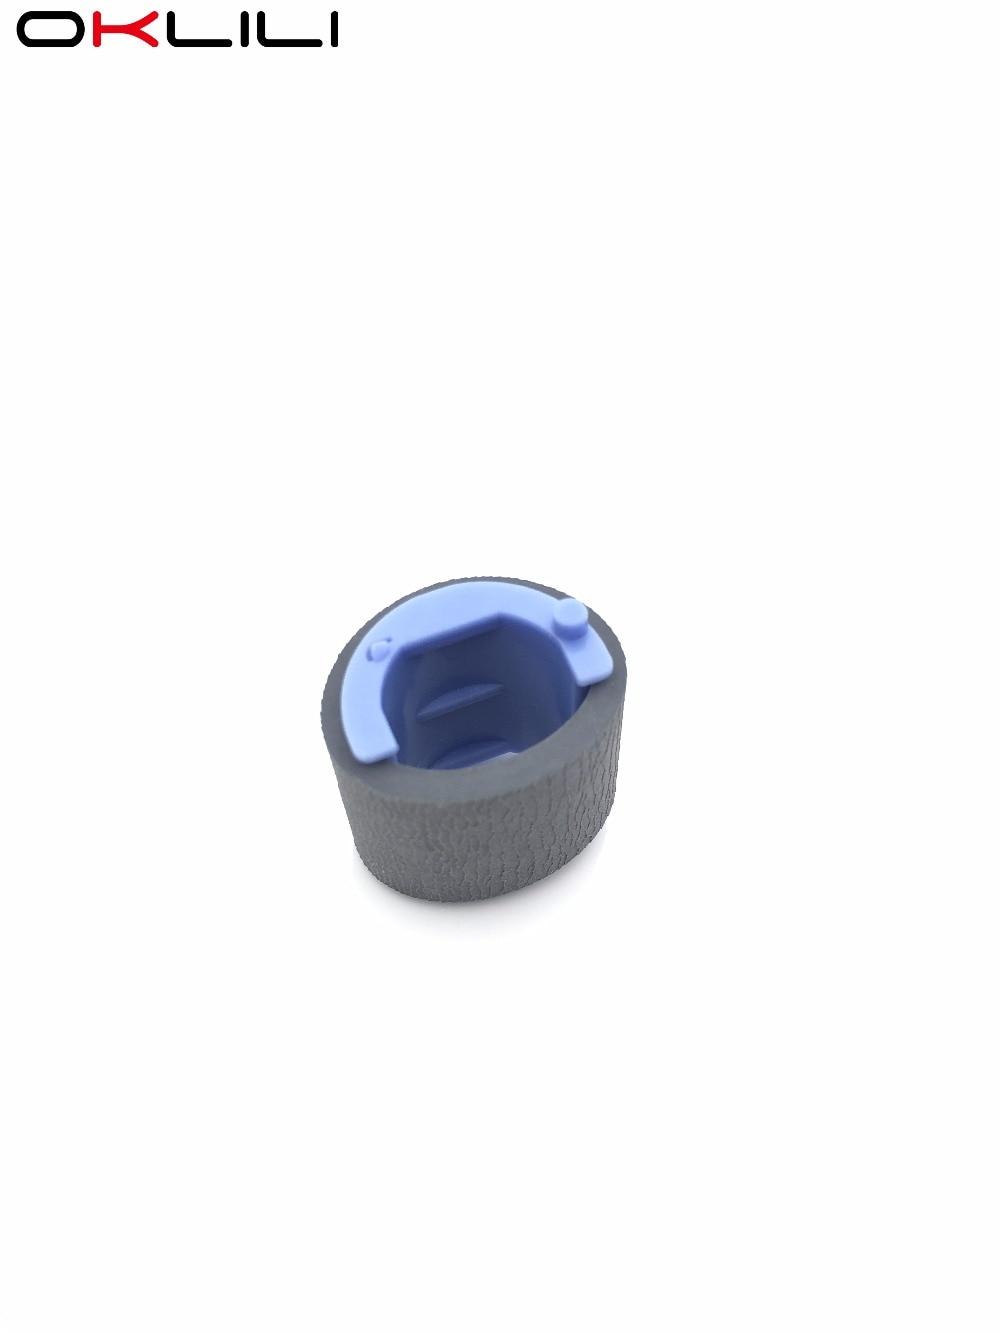 10PCX RL1-1442-000 RL1-1802-000 Pickup Roller for HP P1005 P1006 P1007 P1008 P1009 P1102 CP2020 CP2025 CM2320 for Canon LBP3018 10x rl1 1442 000 rl1 1443 000 paper pickup roller for hp p1005 p1006 p1007 p1008 p1009 ml1666 lbp 3150 3108 3100 3050 3018 3010